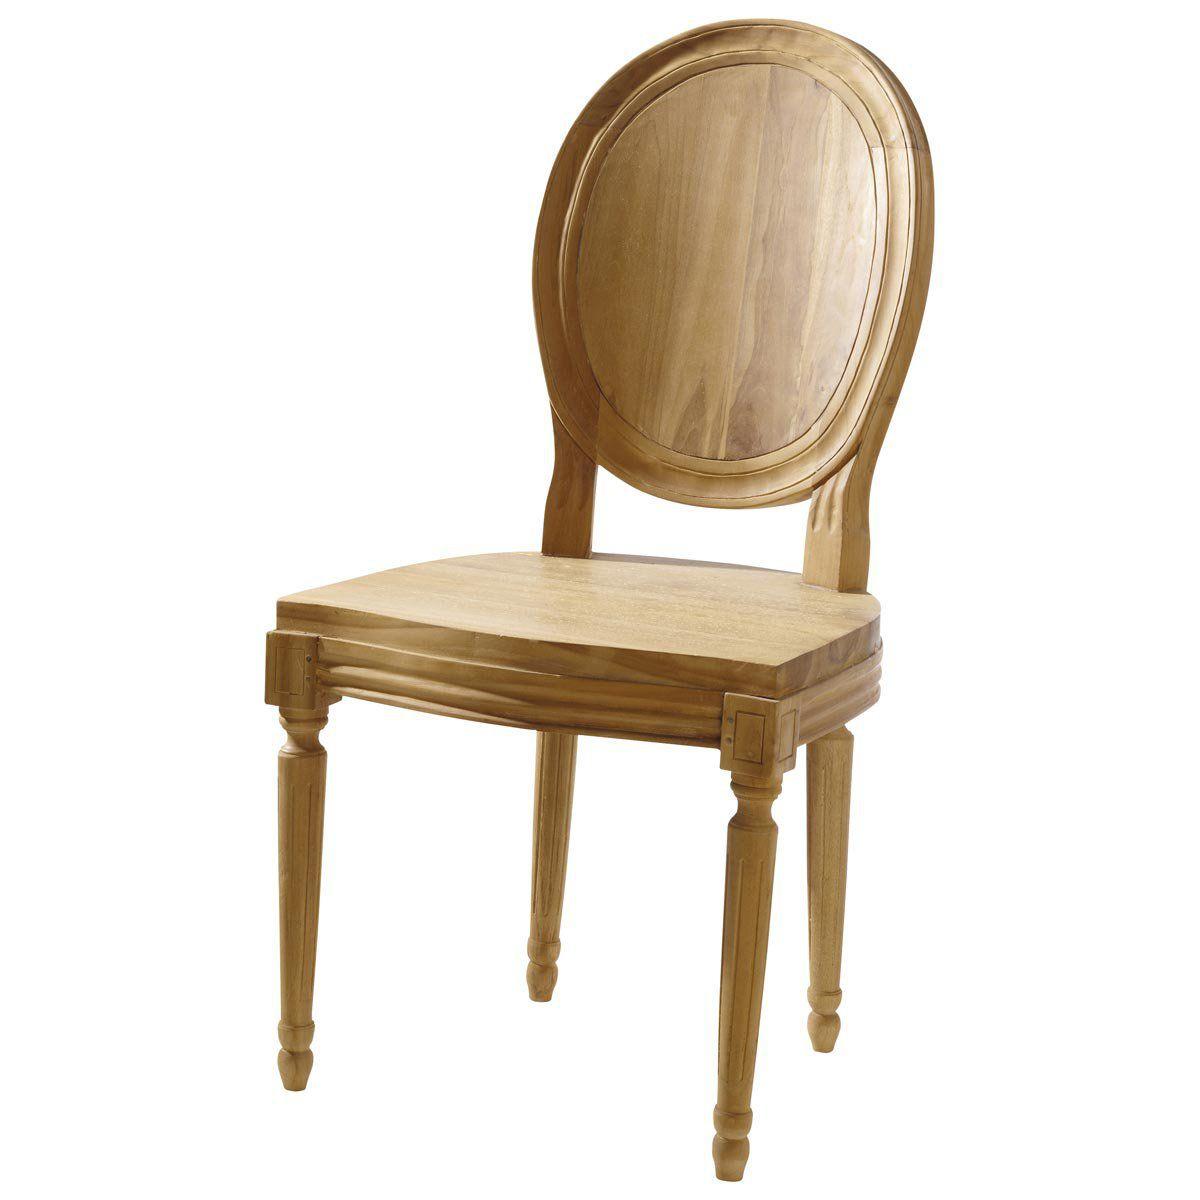 Acabados al aceite para muebles de madera - Aceite para muebles ...